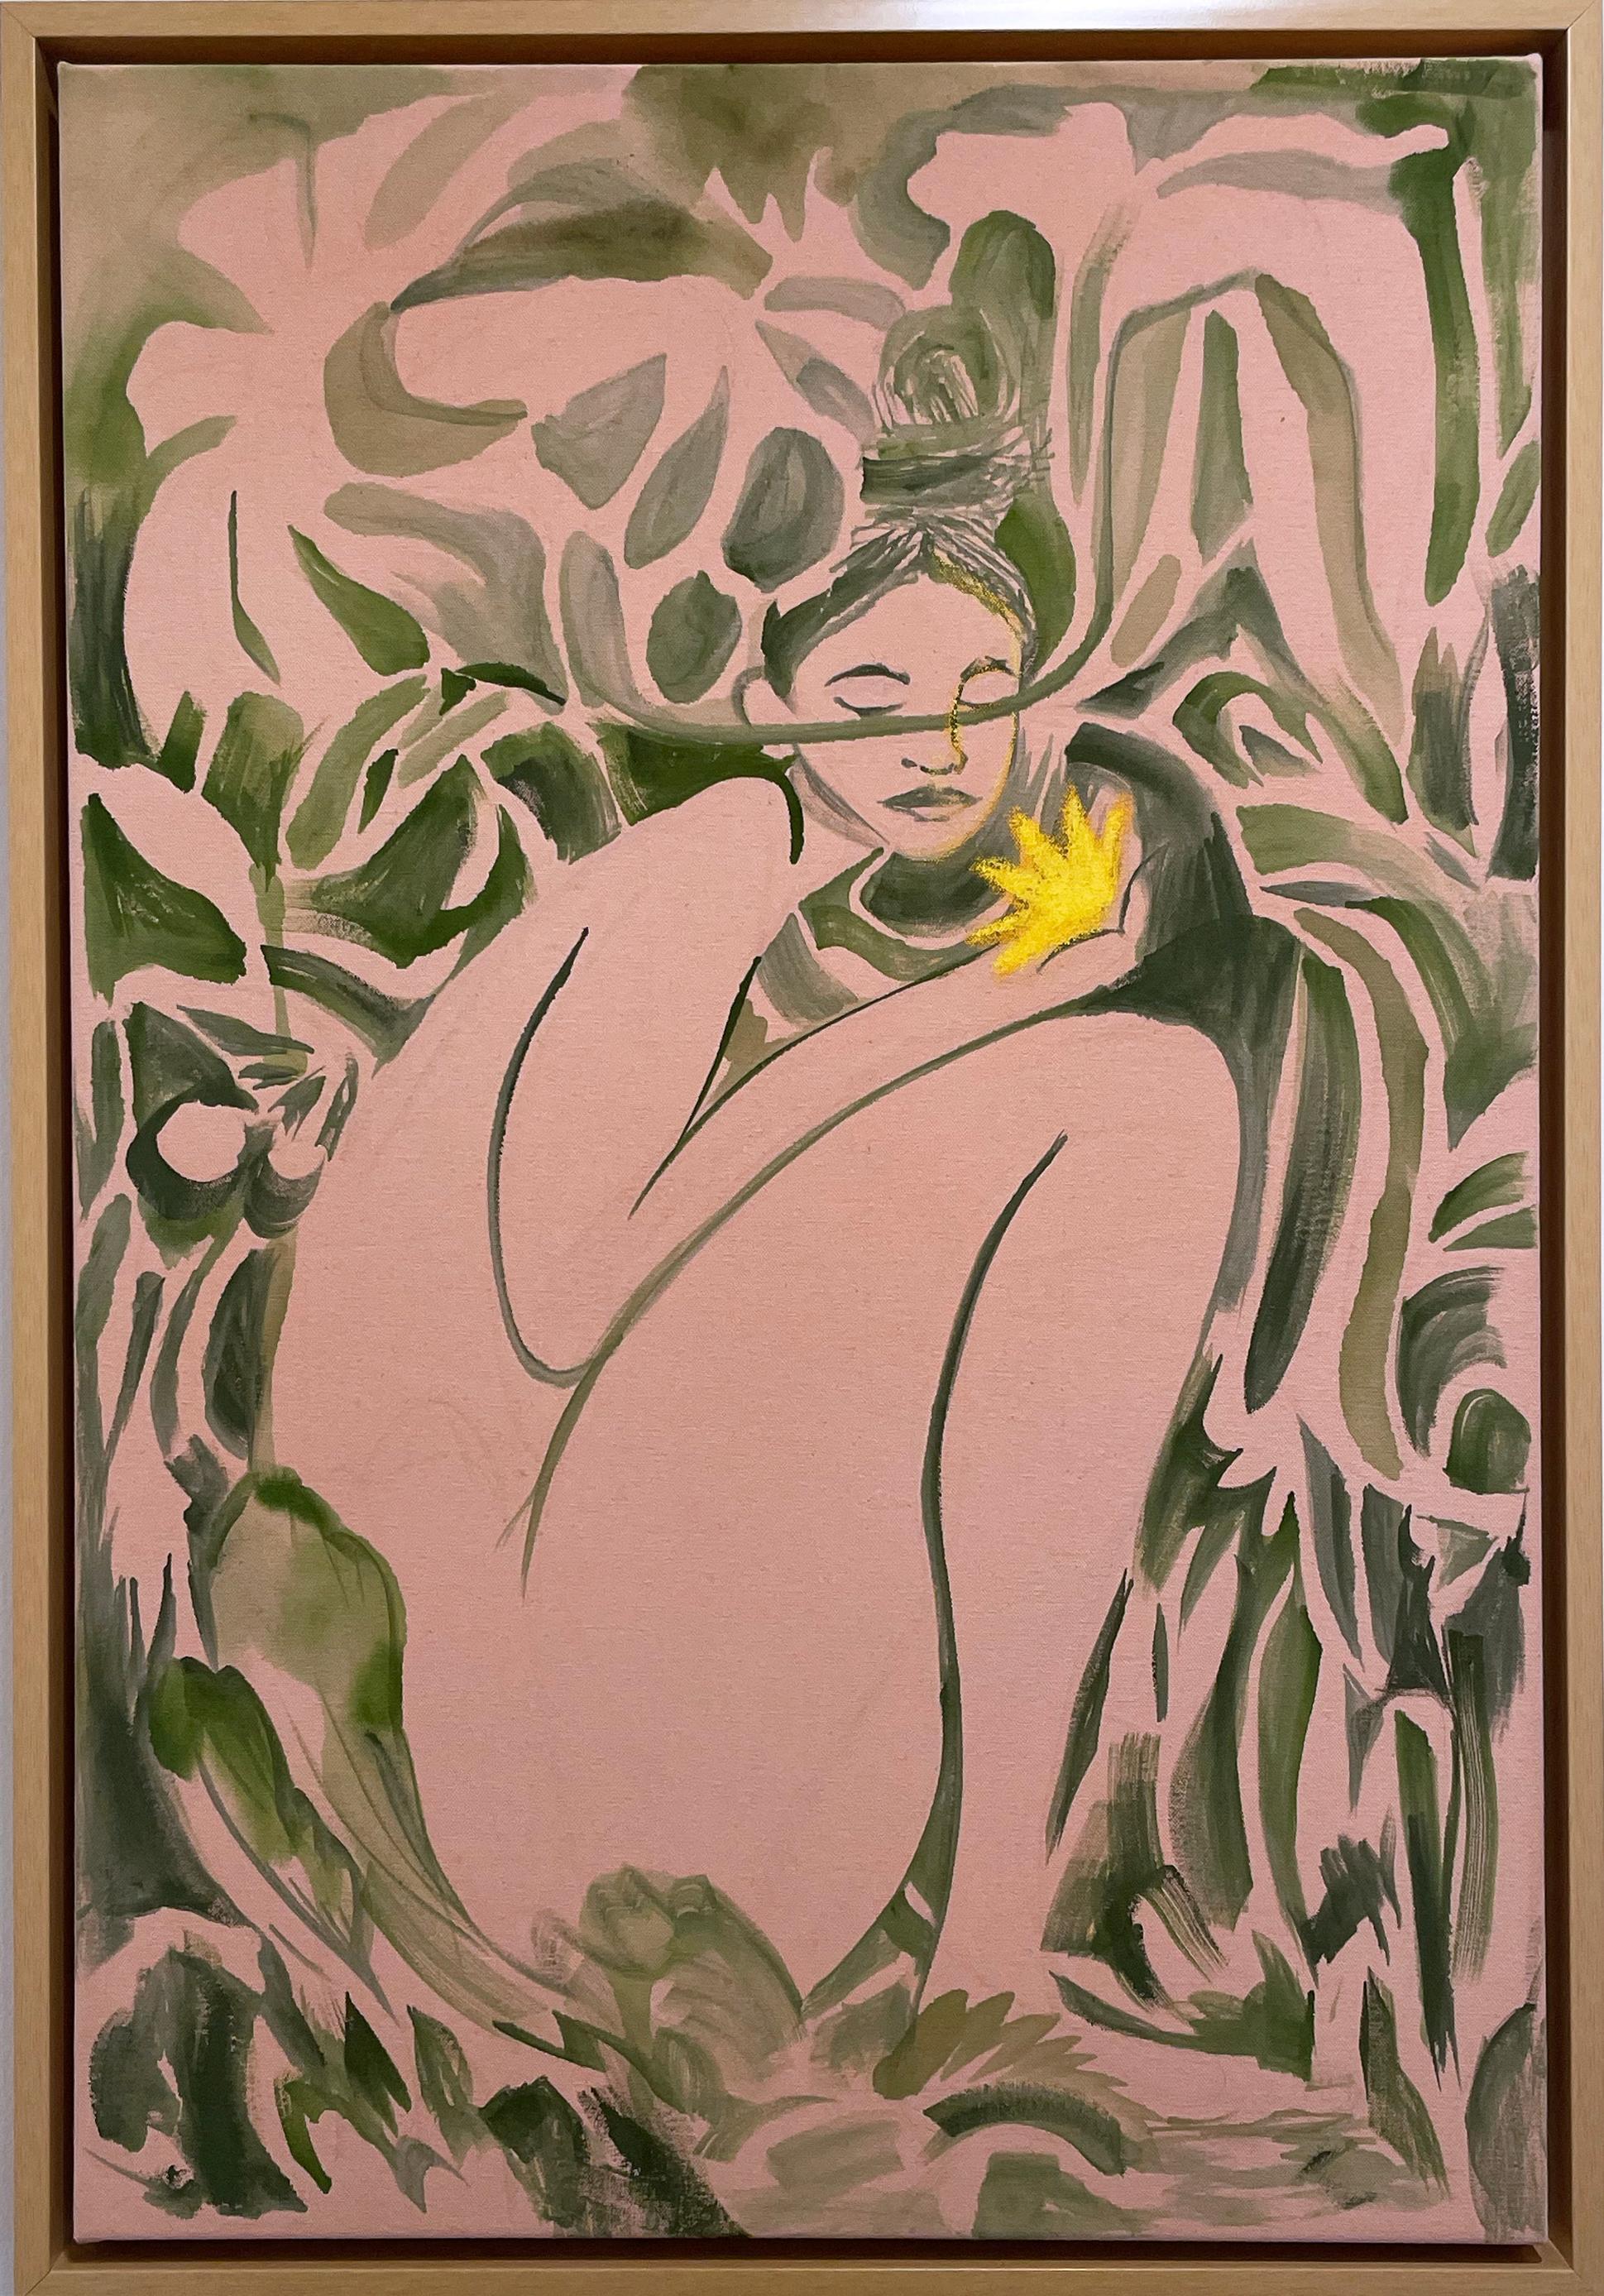 Where the Flowers Grow, 2021, nude female figure, plants, foliage, earth tones